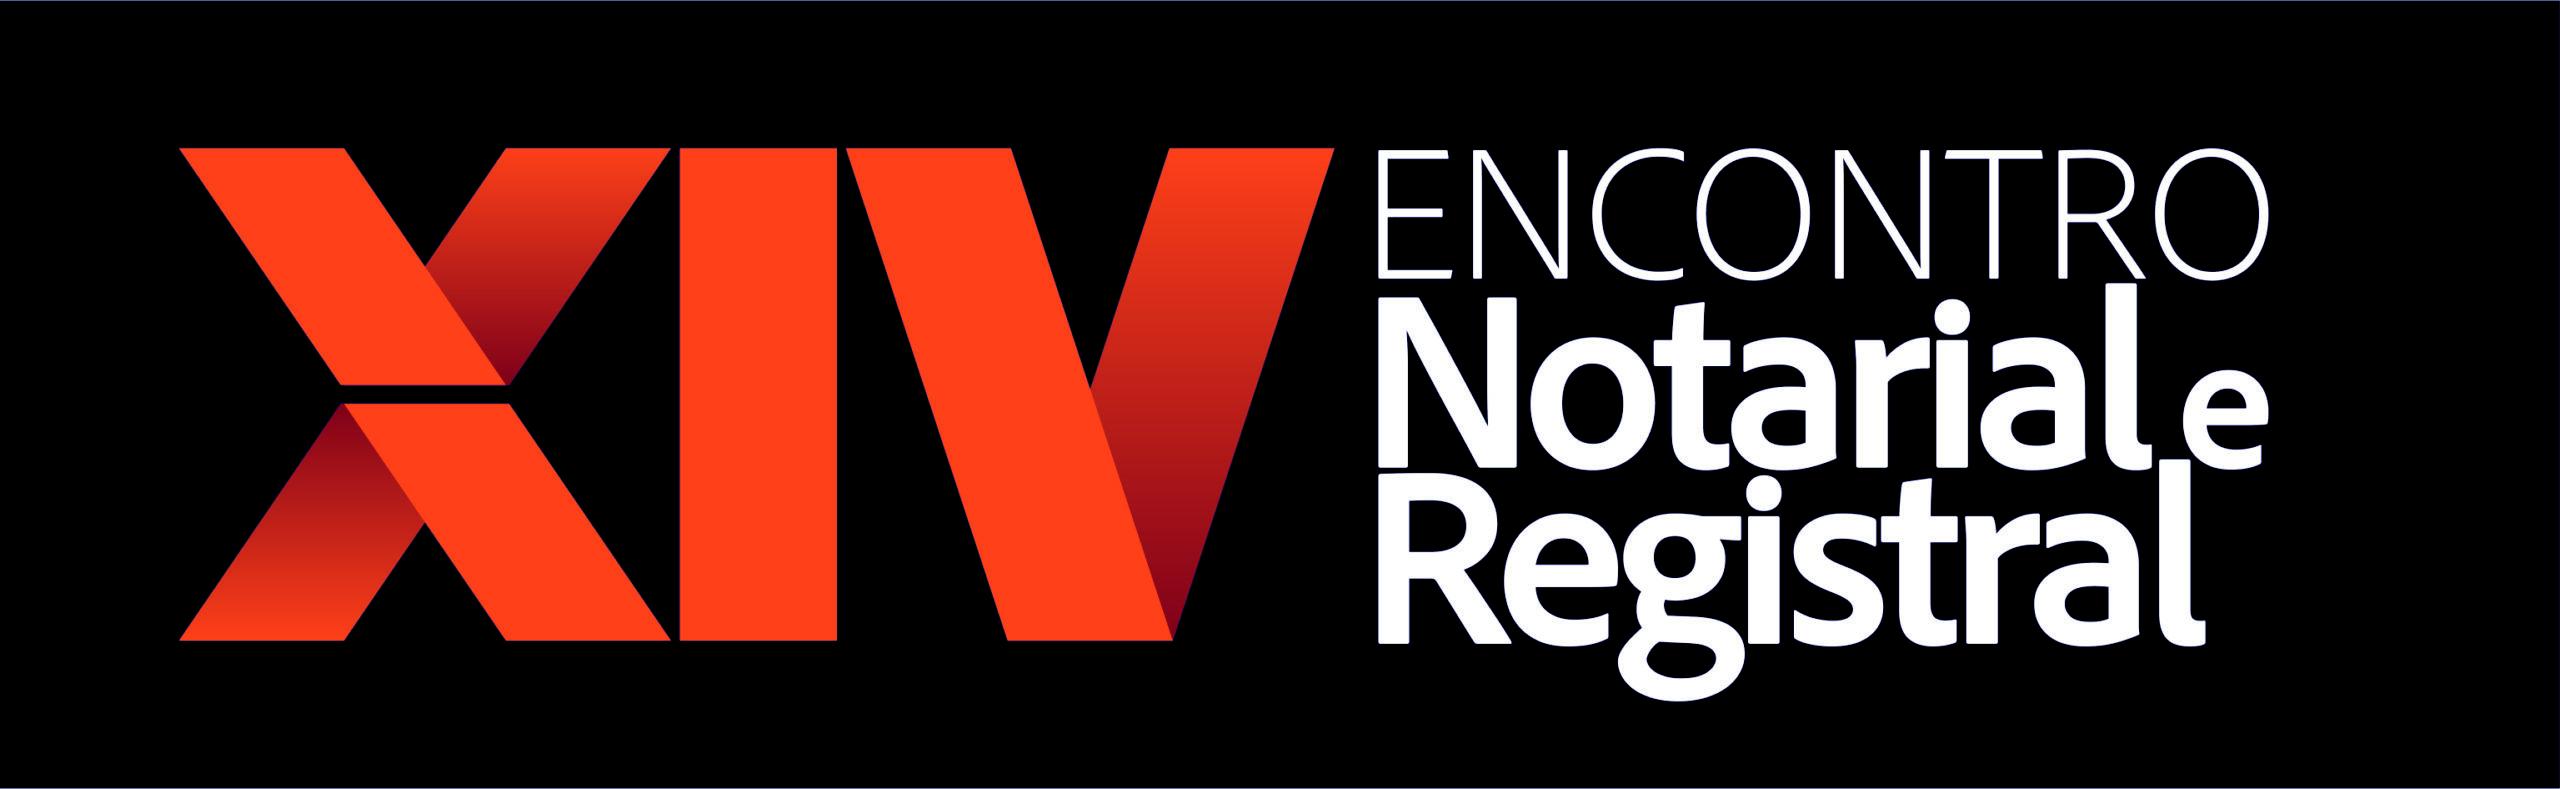 Abertas As Inscrições Para XIV Encontro Notarial E Registral Do Rio Grande Do Sul